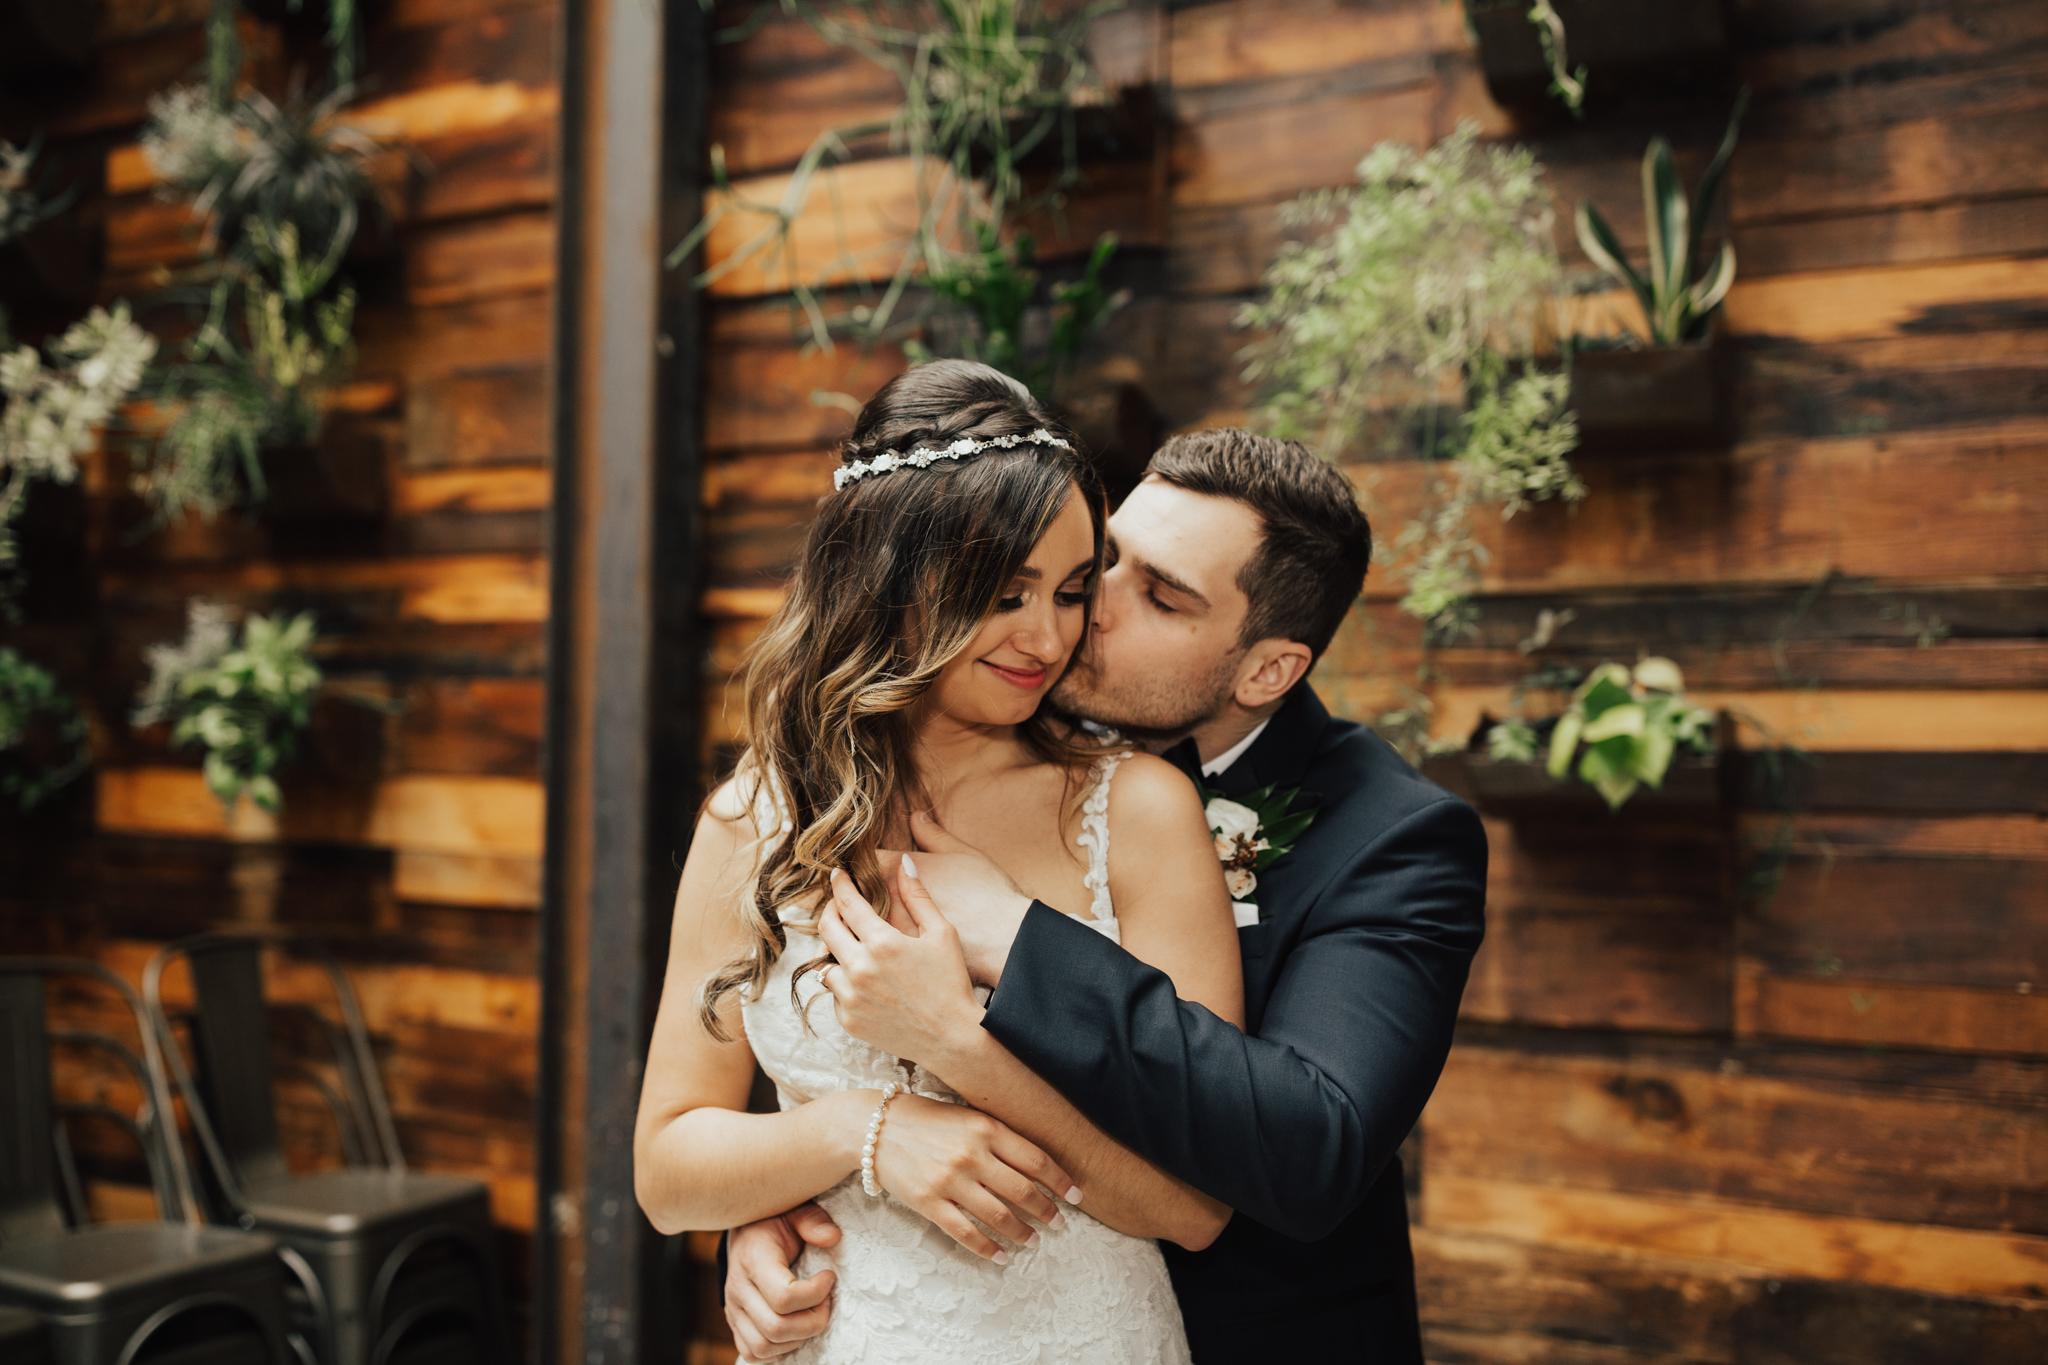 brooklyn_winery_wedding-58.jpg